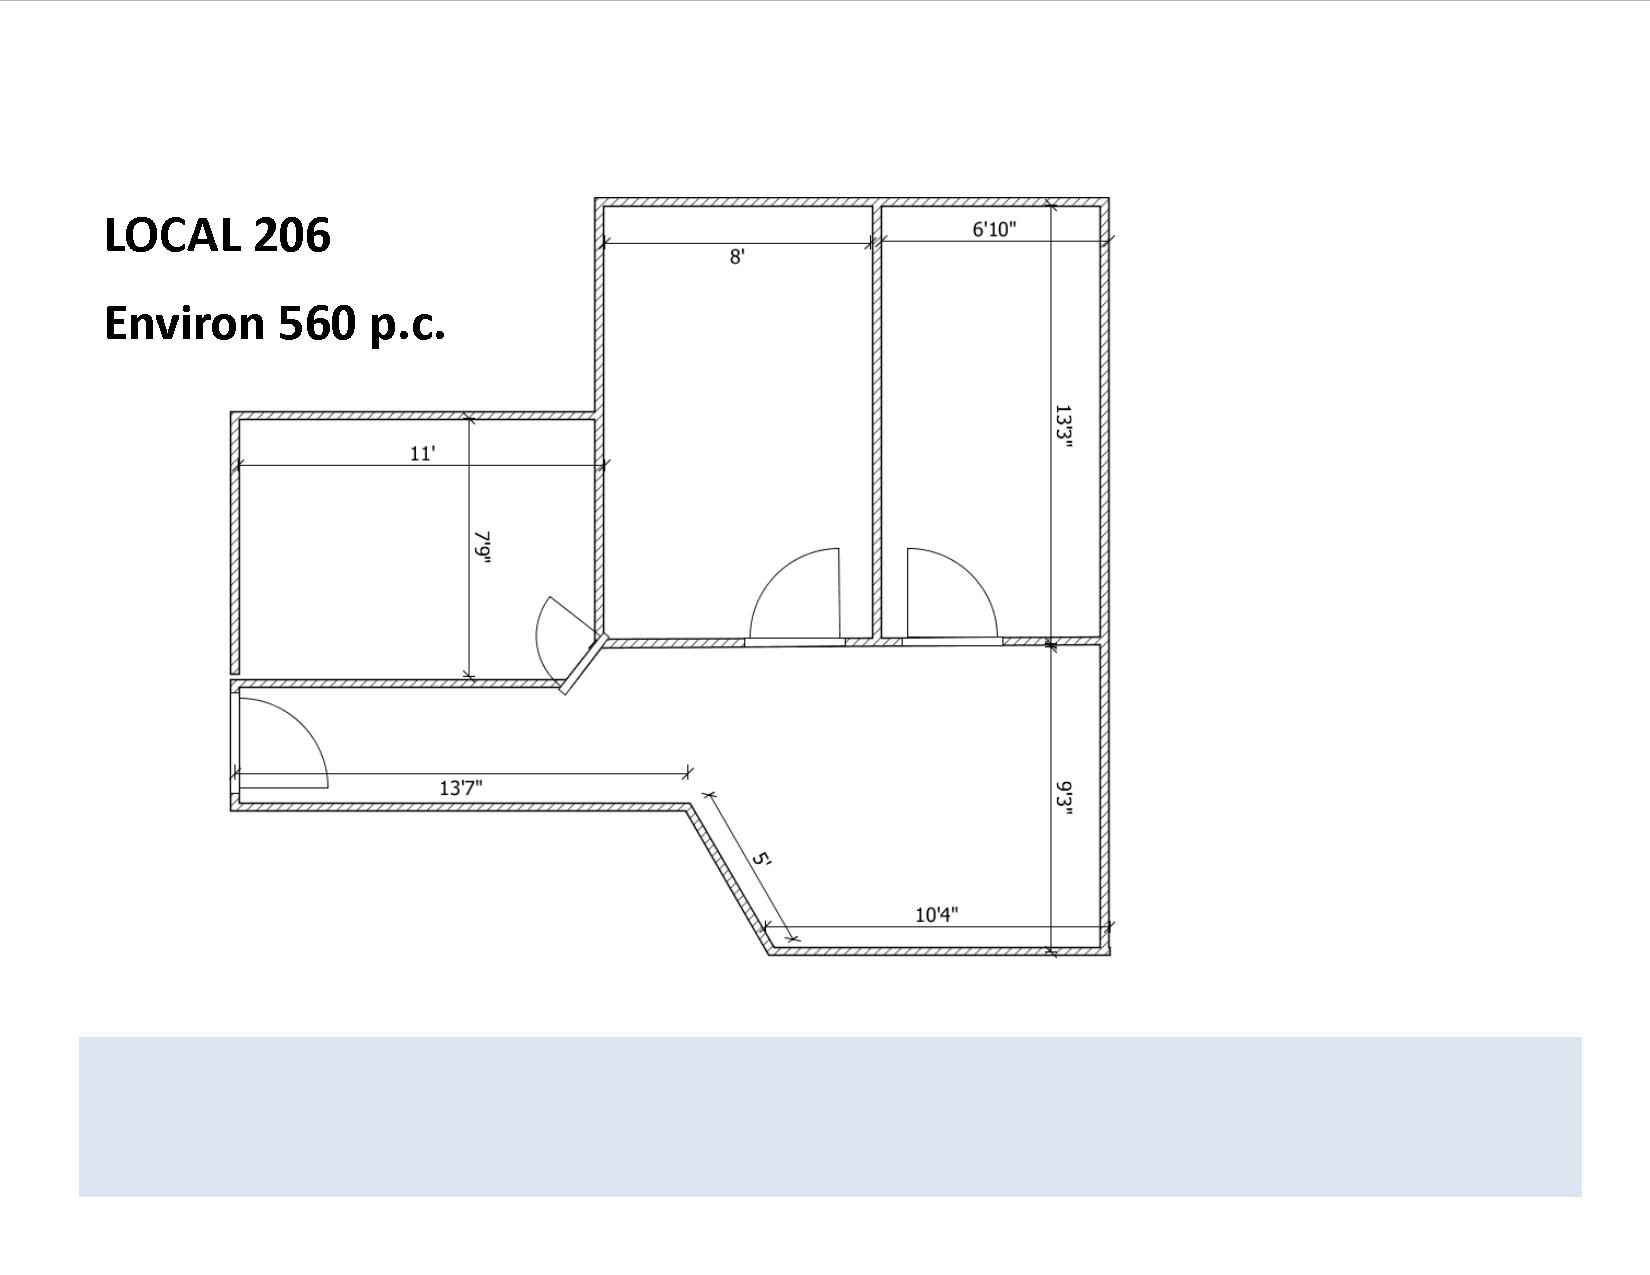 7777, boul. Guillaume Couture, 560 et 700 p.c. - Immeubles Simard